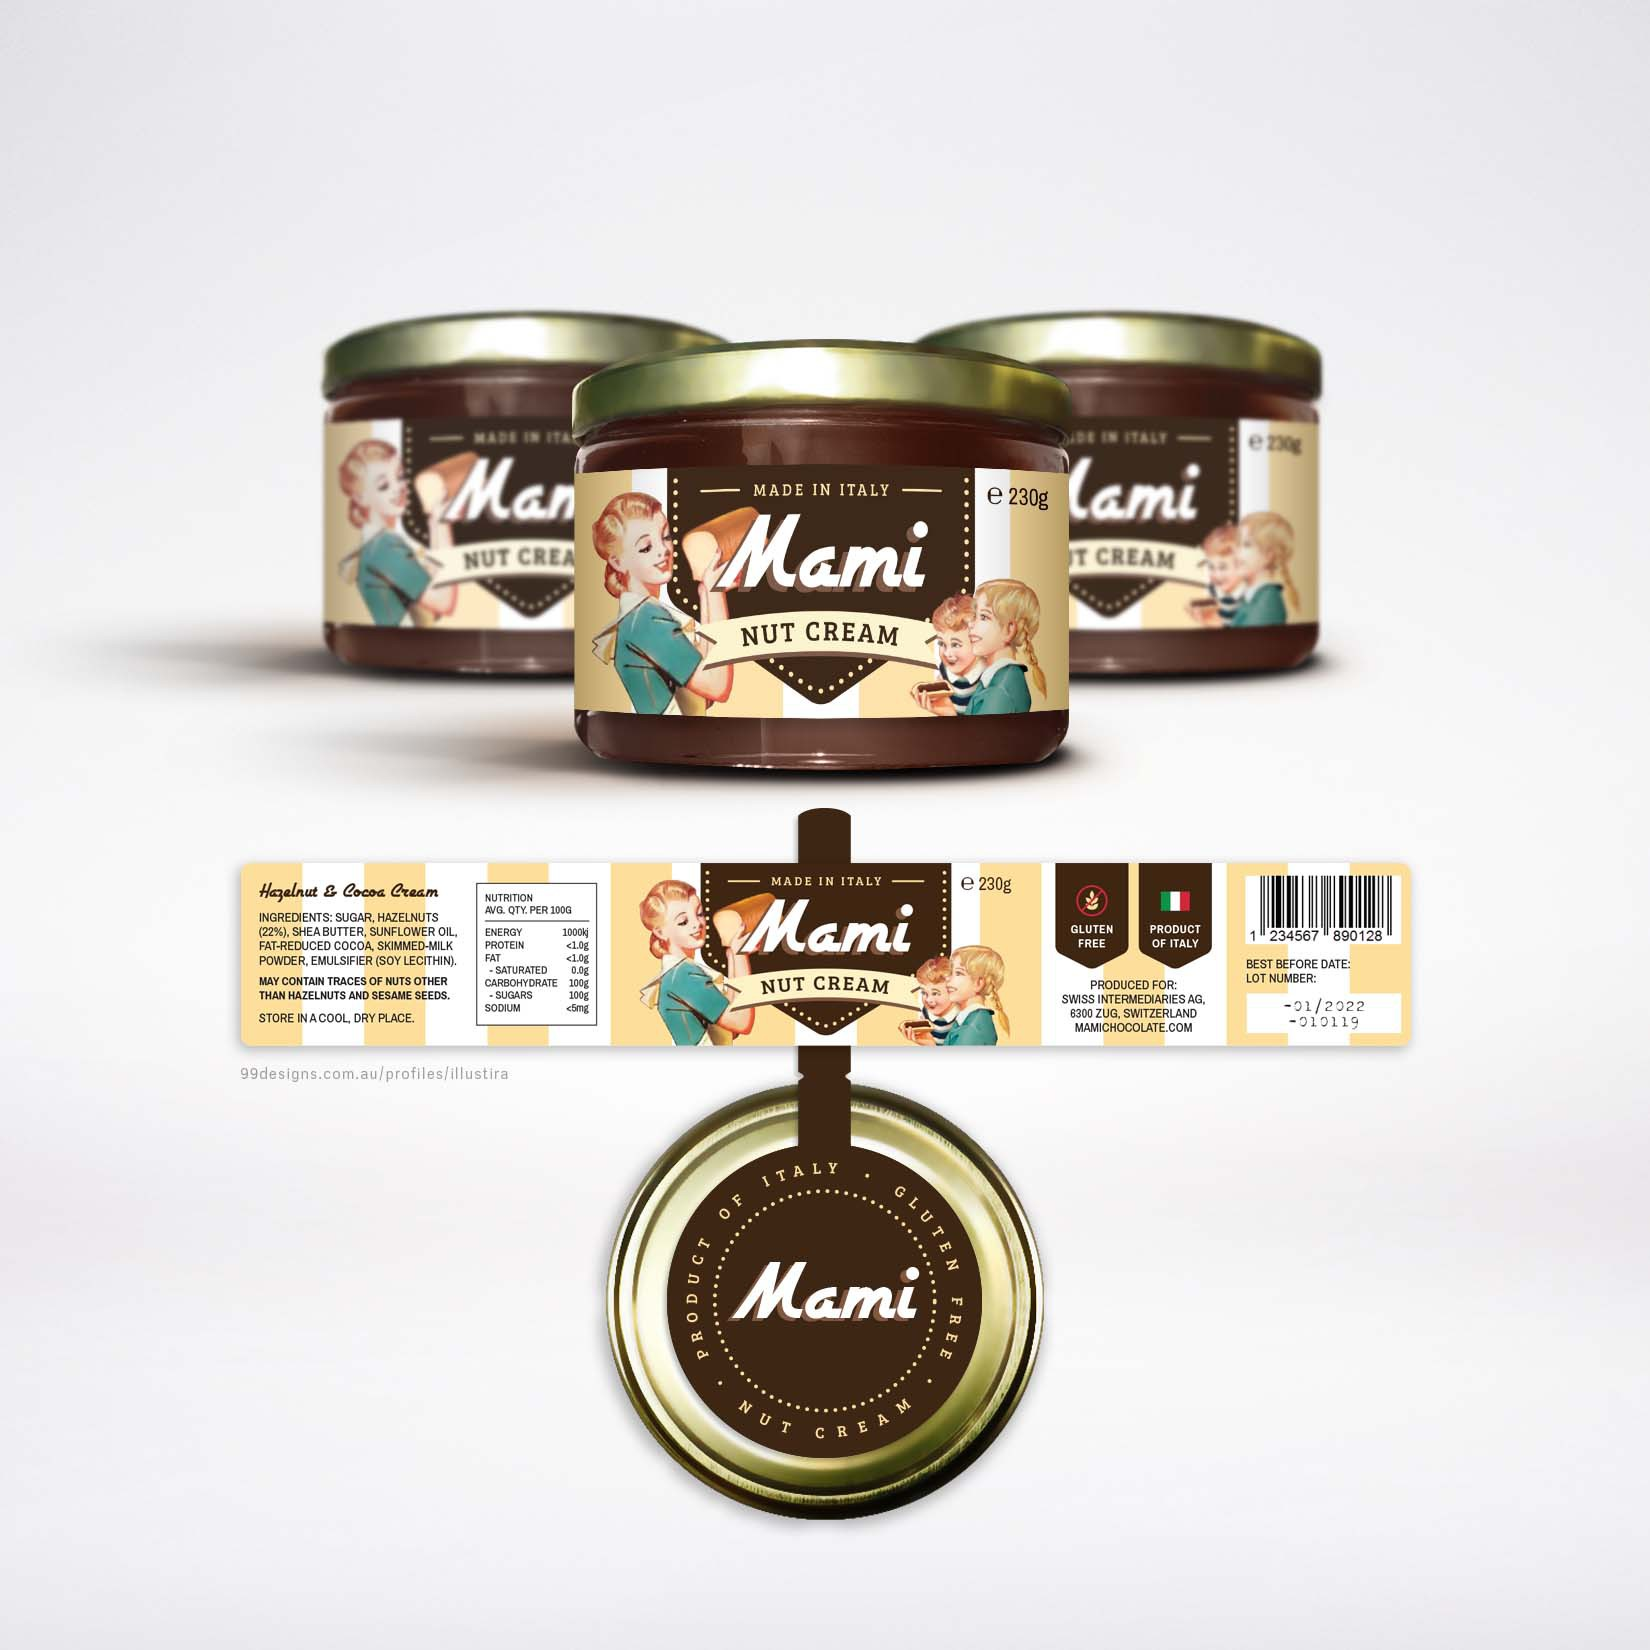 Etikette für eine hochwertige Schokoladen-Nuss-Creme (made in italy)